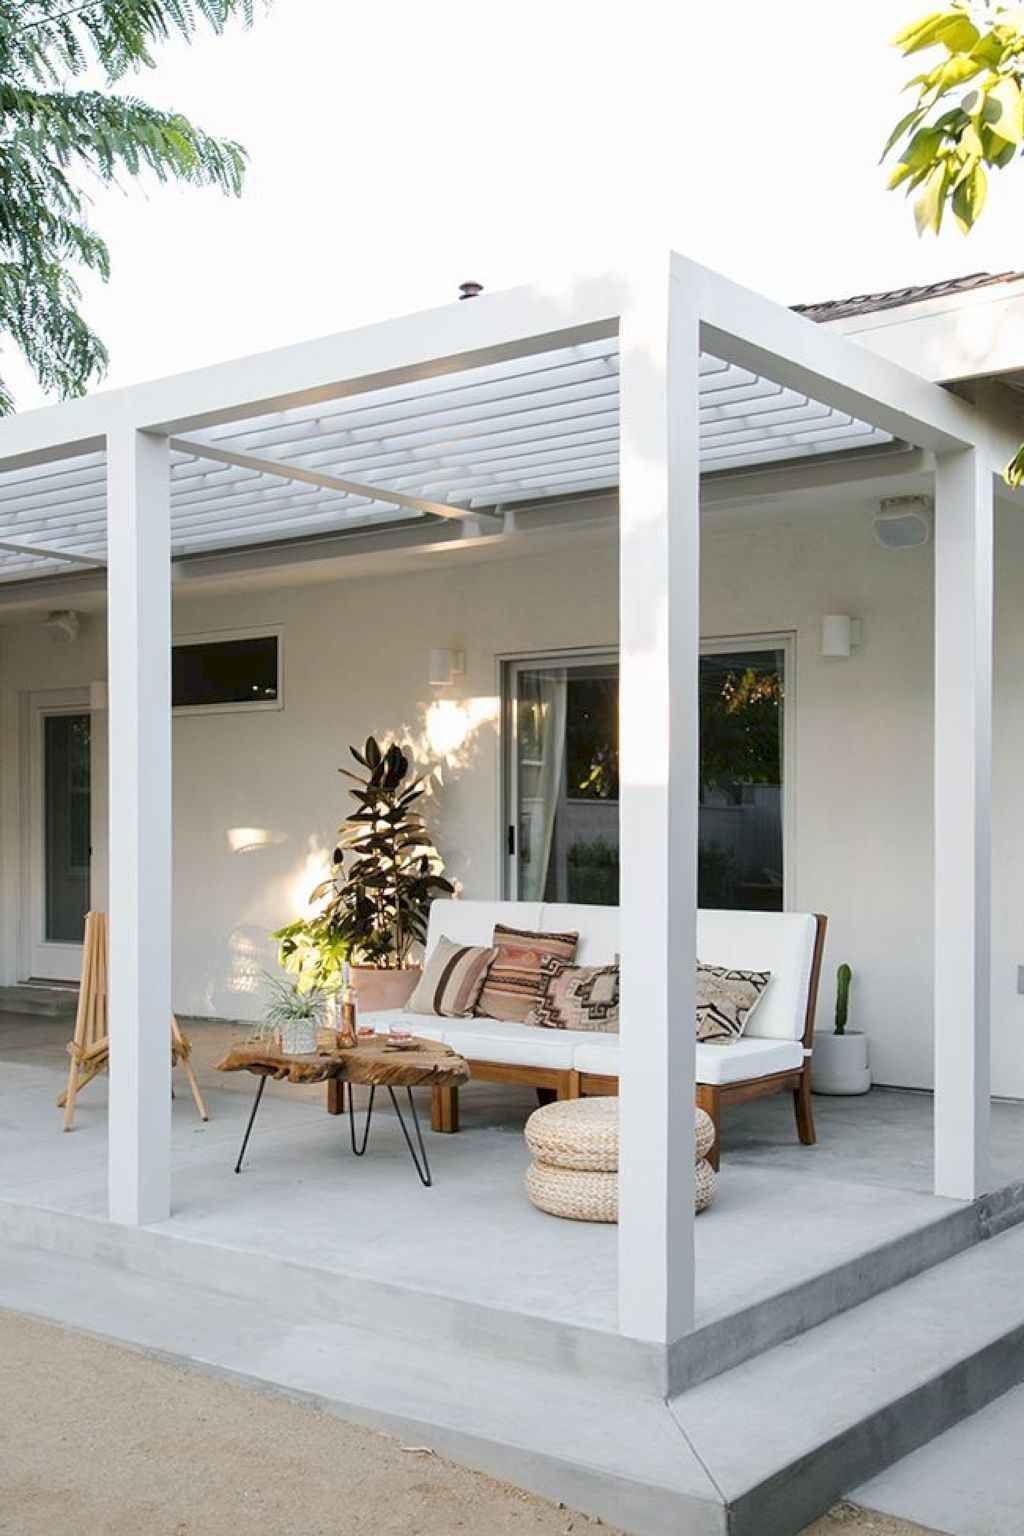 Www Abri Terrasse Com tonnelle : abri pour terrasse ombragée - #: #abri #ombragée